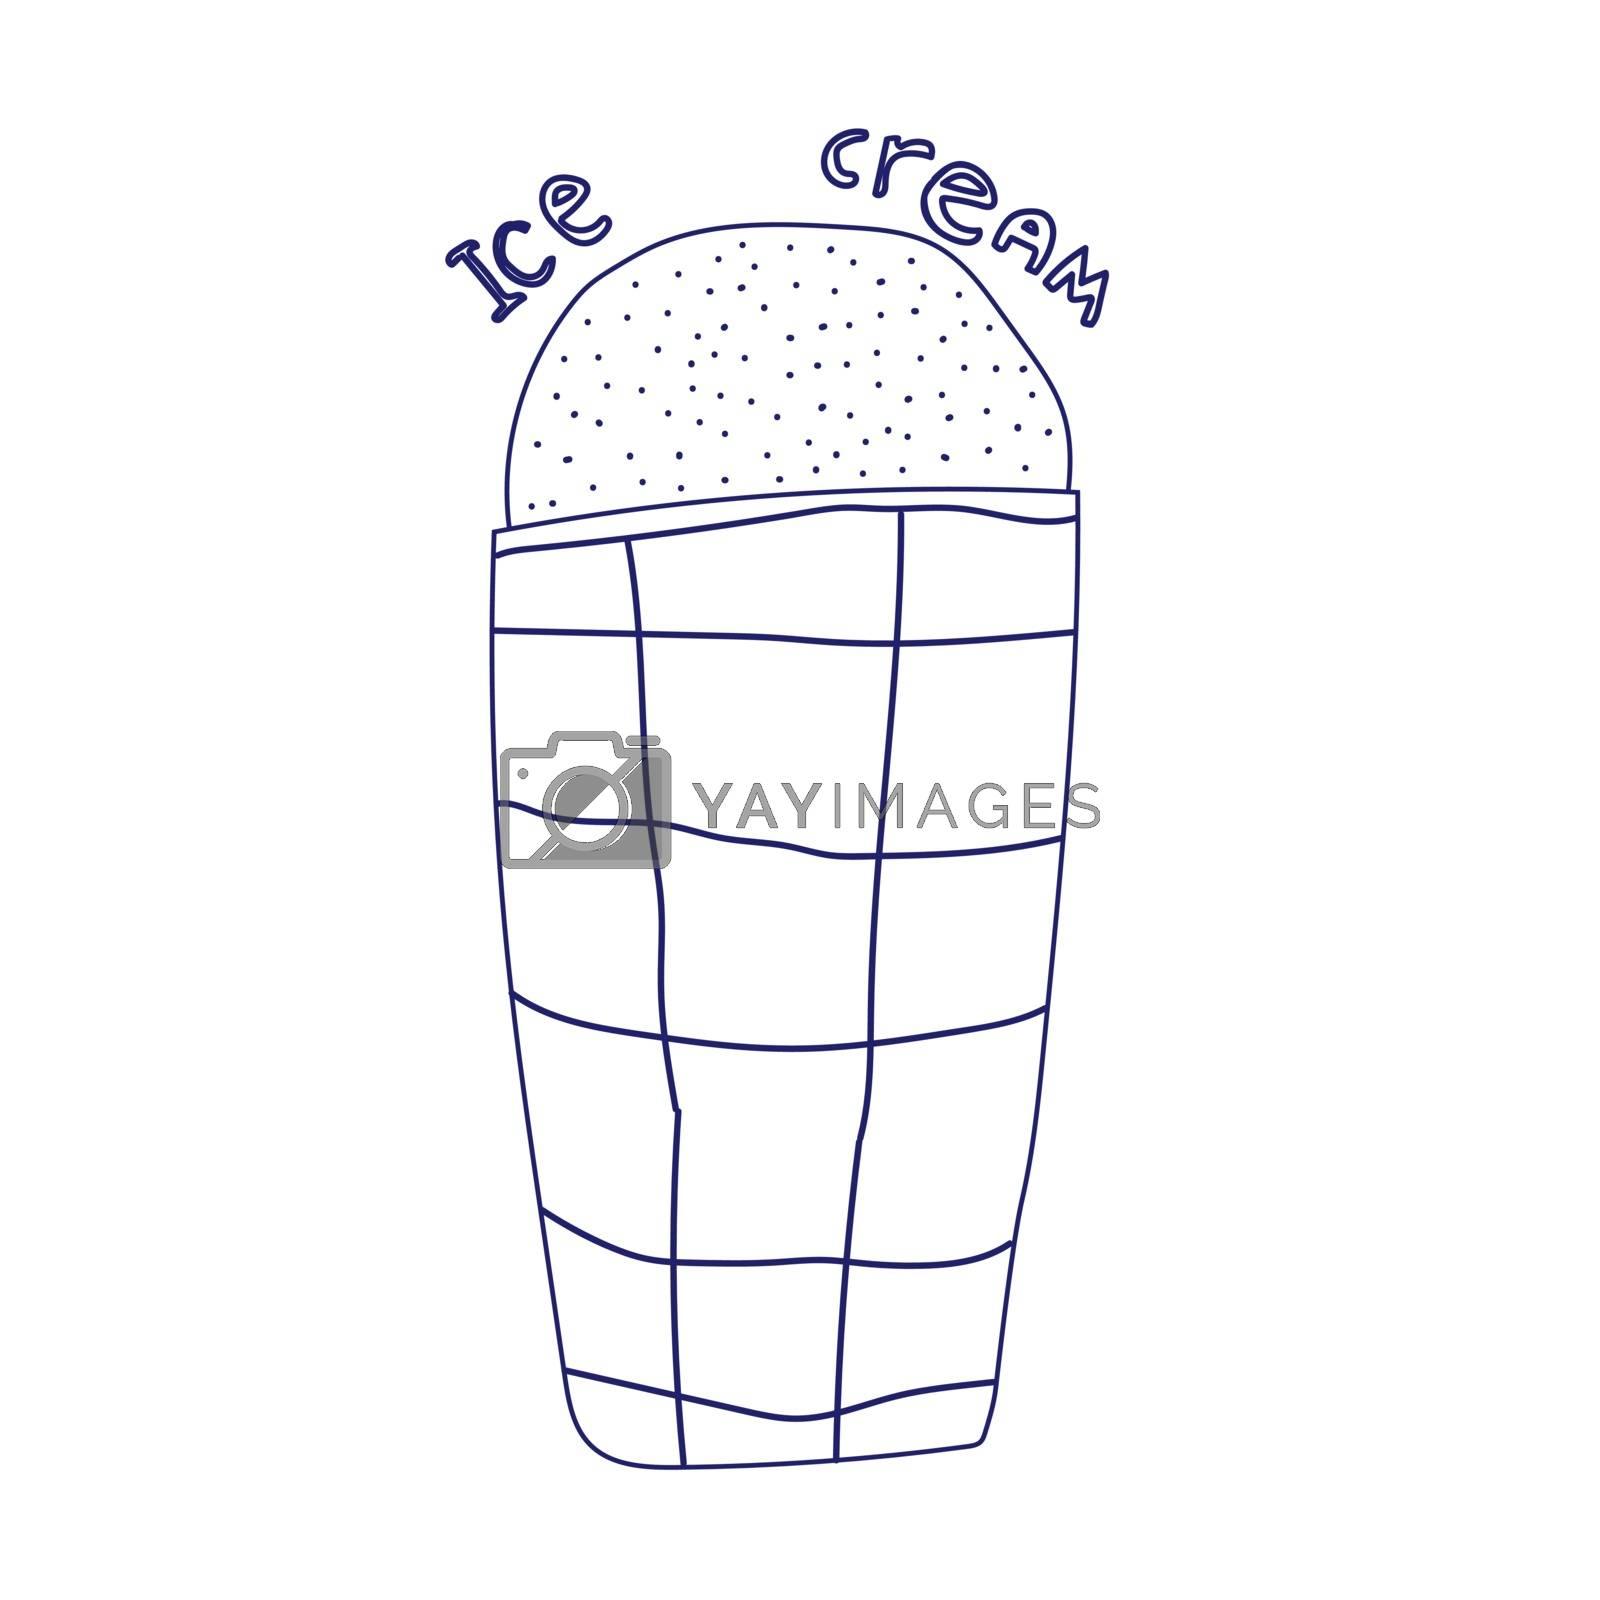 Doodle ice cream cone frozen dessert style sketch in vector format.